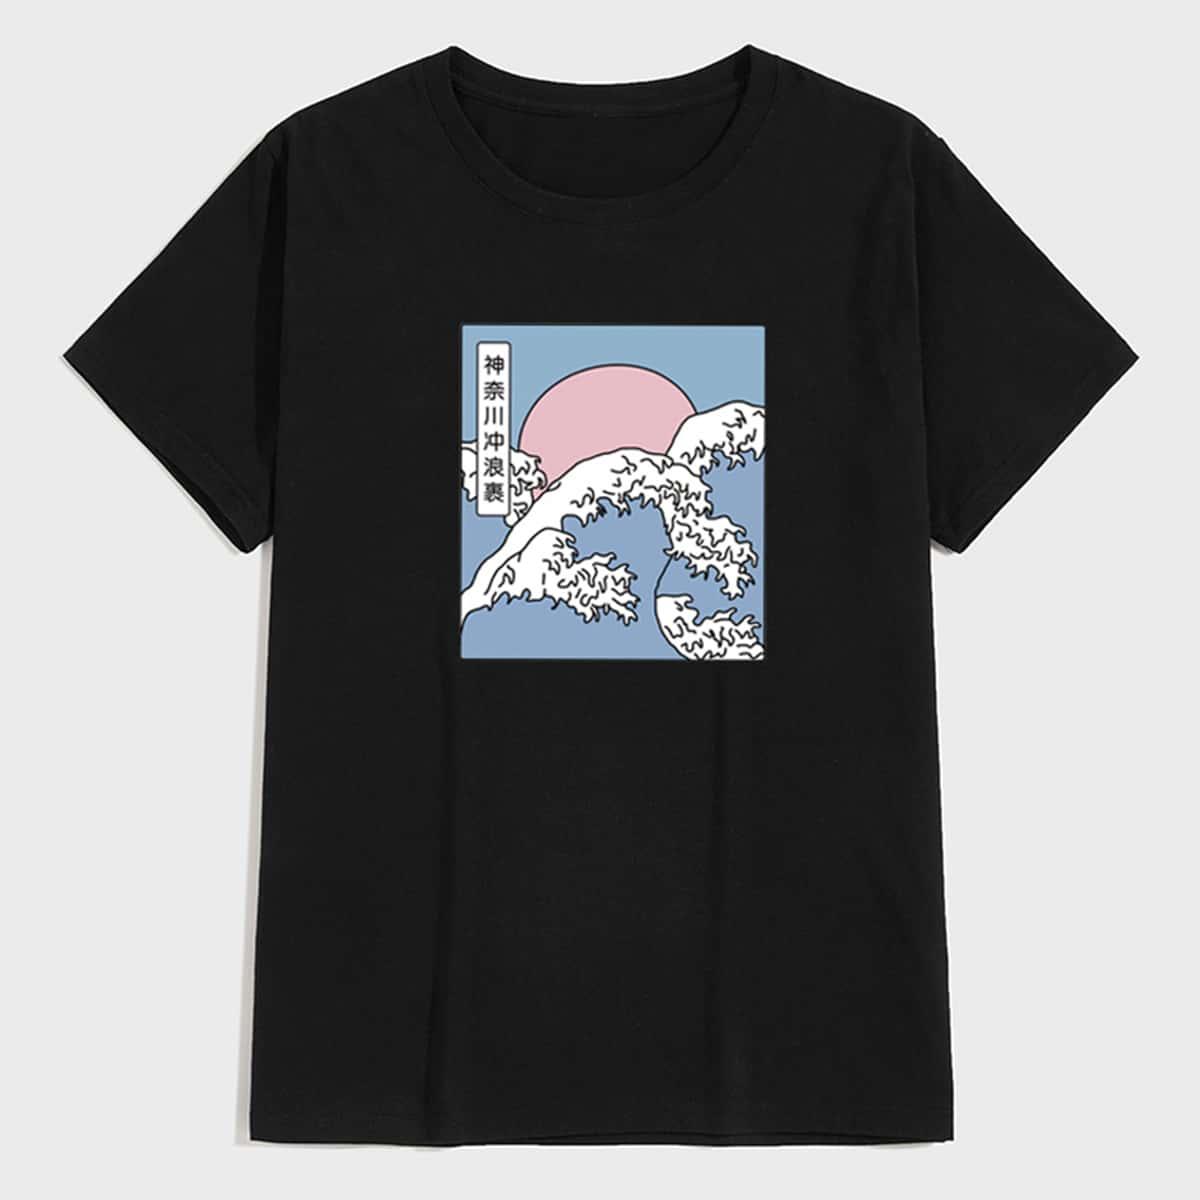 Мужская футболка с волнистым принтом и китайским узором по цене 790